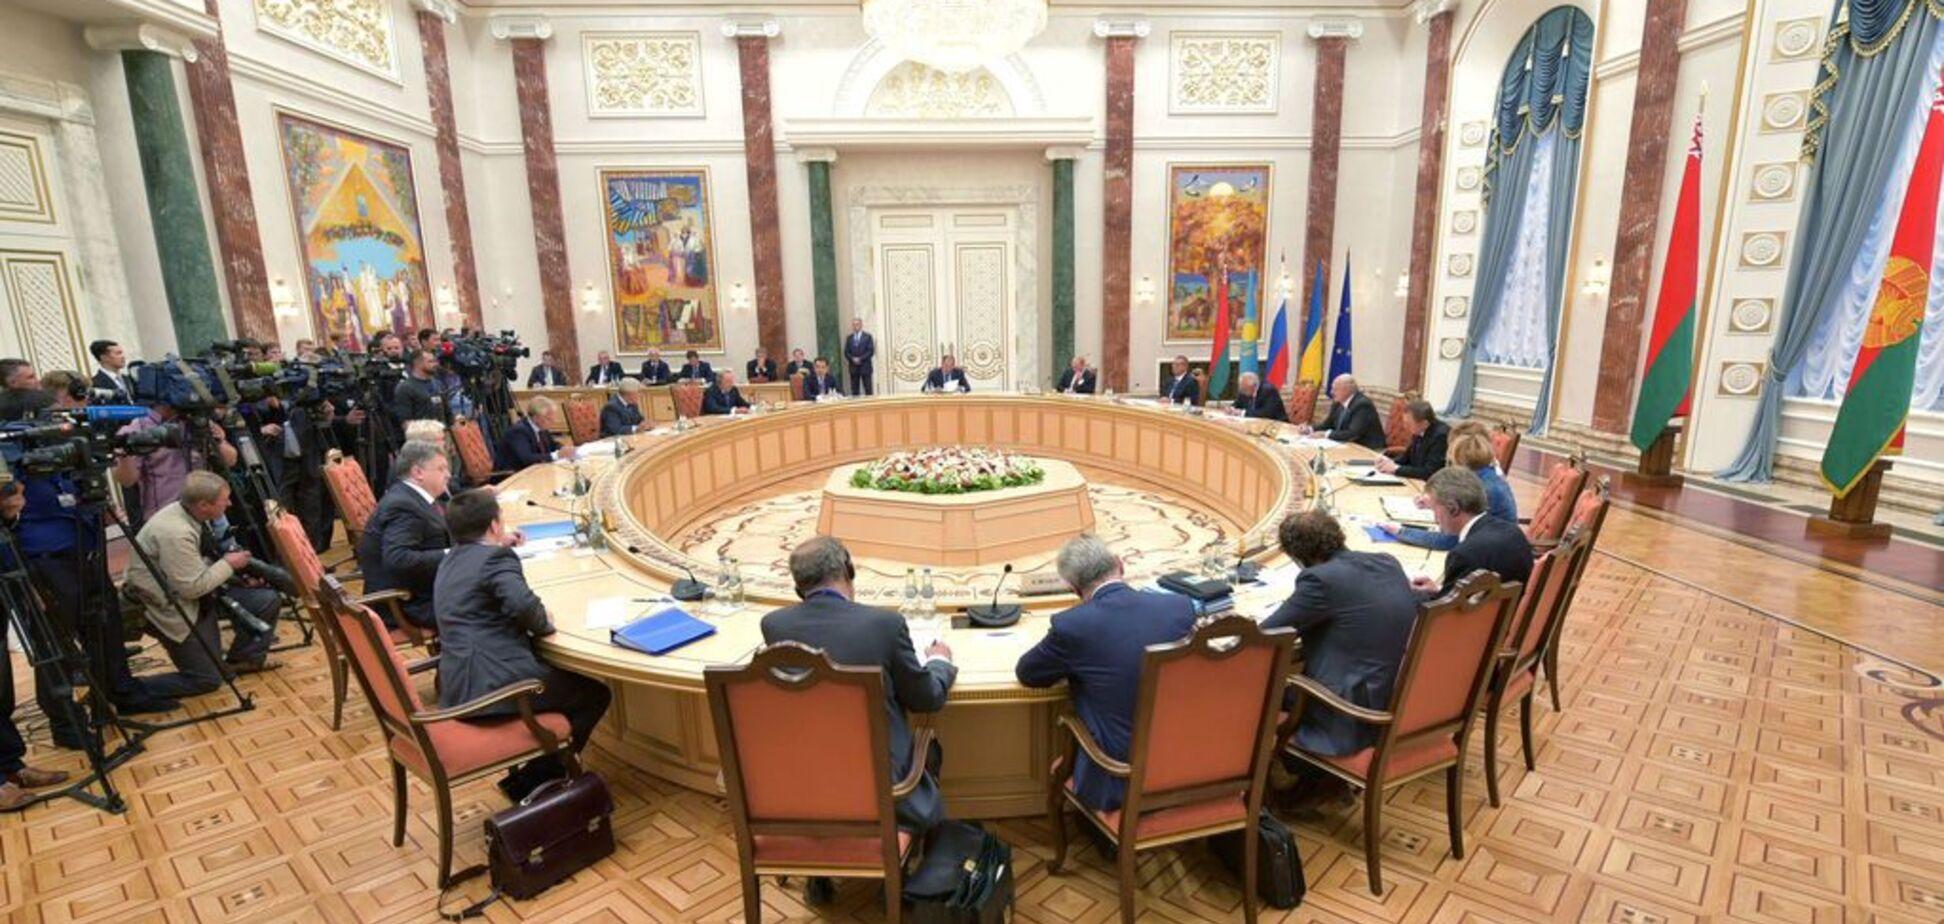 Порошенко призначив нового представника України на переговорах щодо Донбасу в Мінську: що про нього відомо